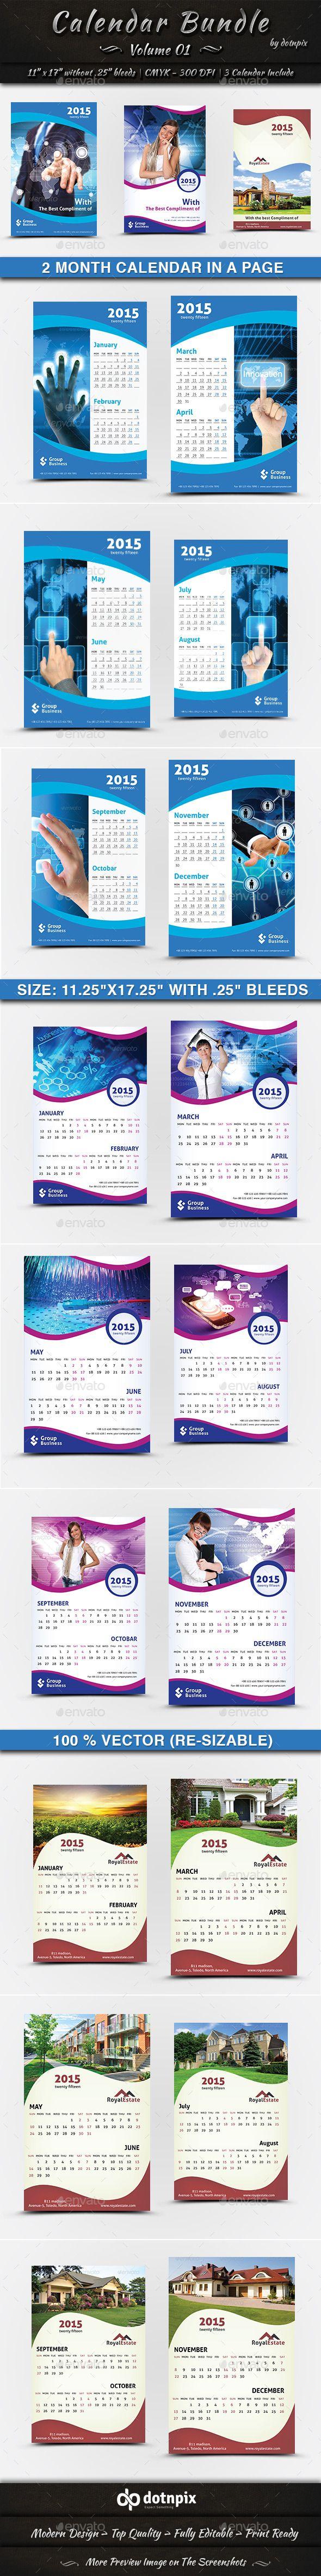 Calendar Bundle | Volume 1